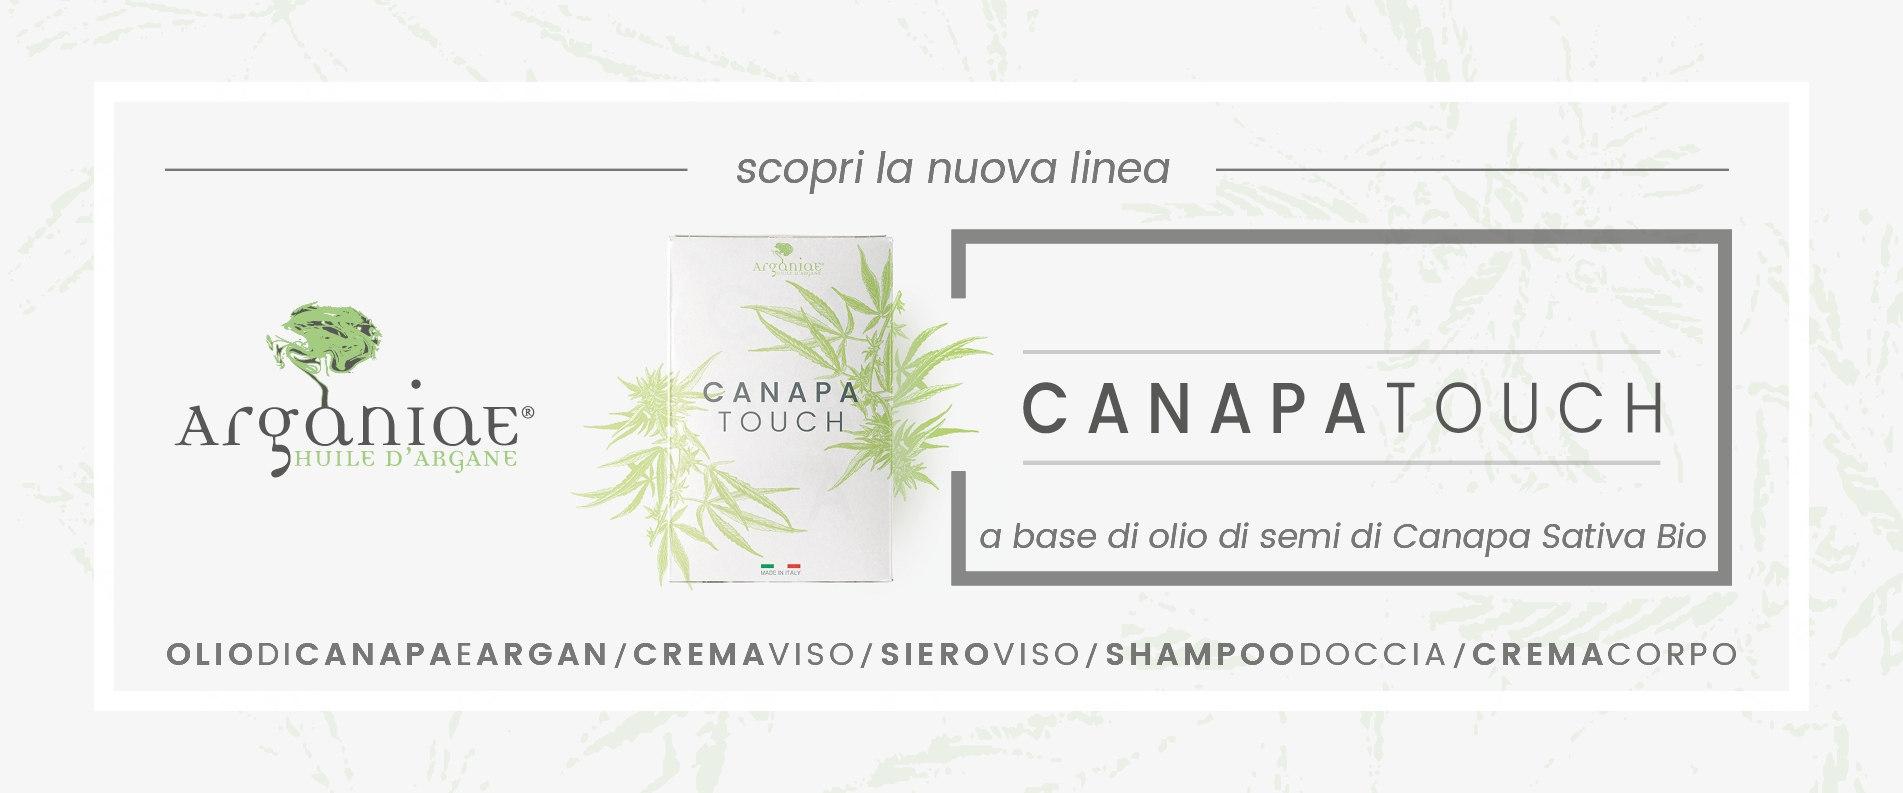 Linea Canapa Touch - Arganiae